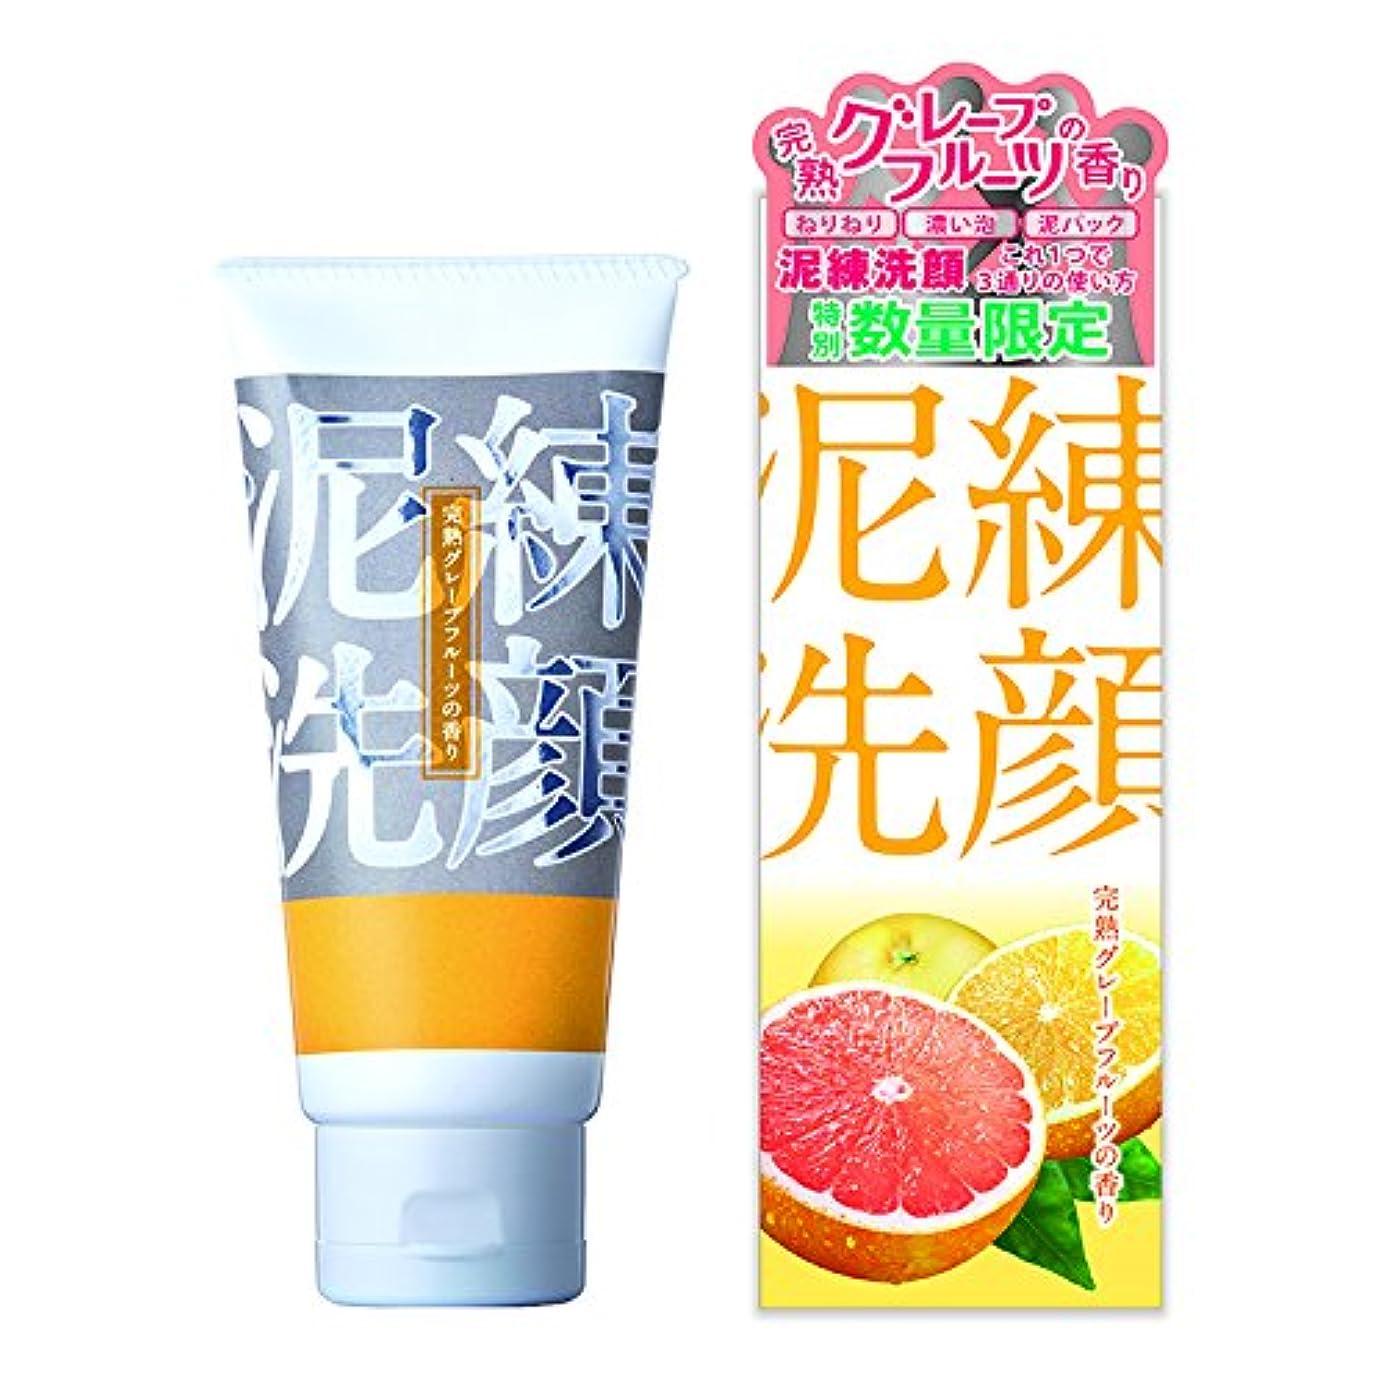 固める高揚した部分的泥練洗顔 完熟グレープフルーツの香り 120g【泥 洗顔 6種の泥で 黒ずみ 毛穴 洗浄 3つの使い方】